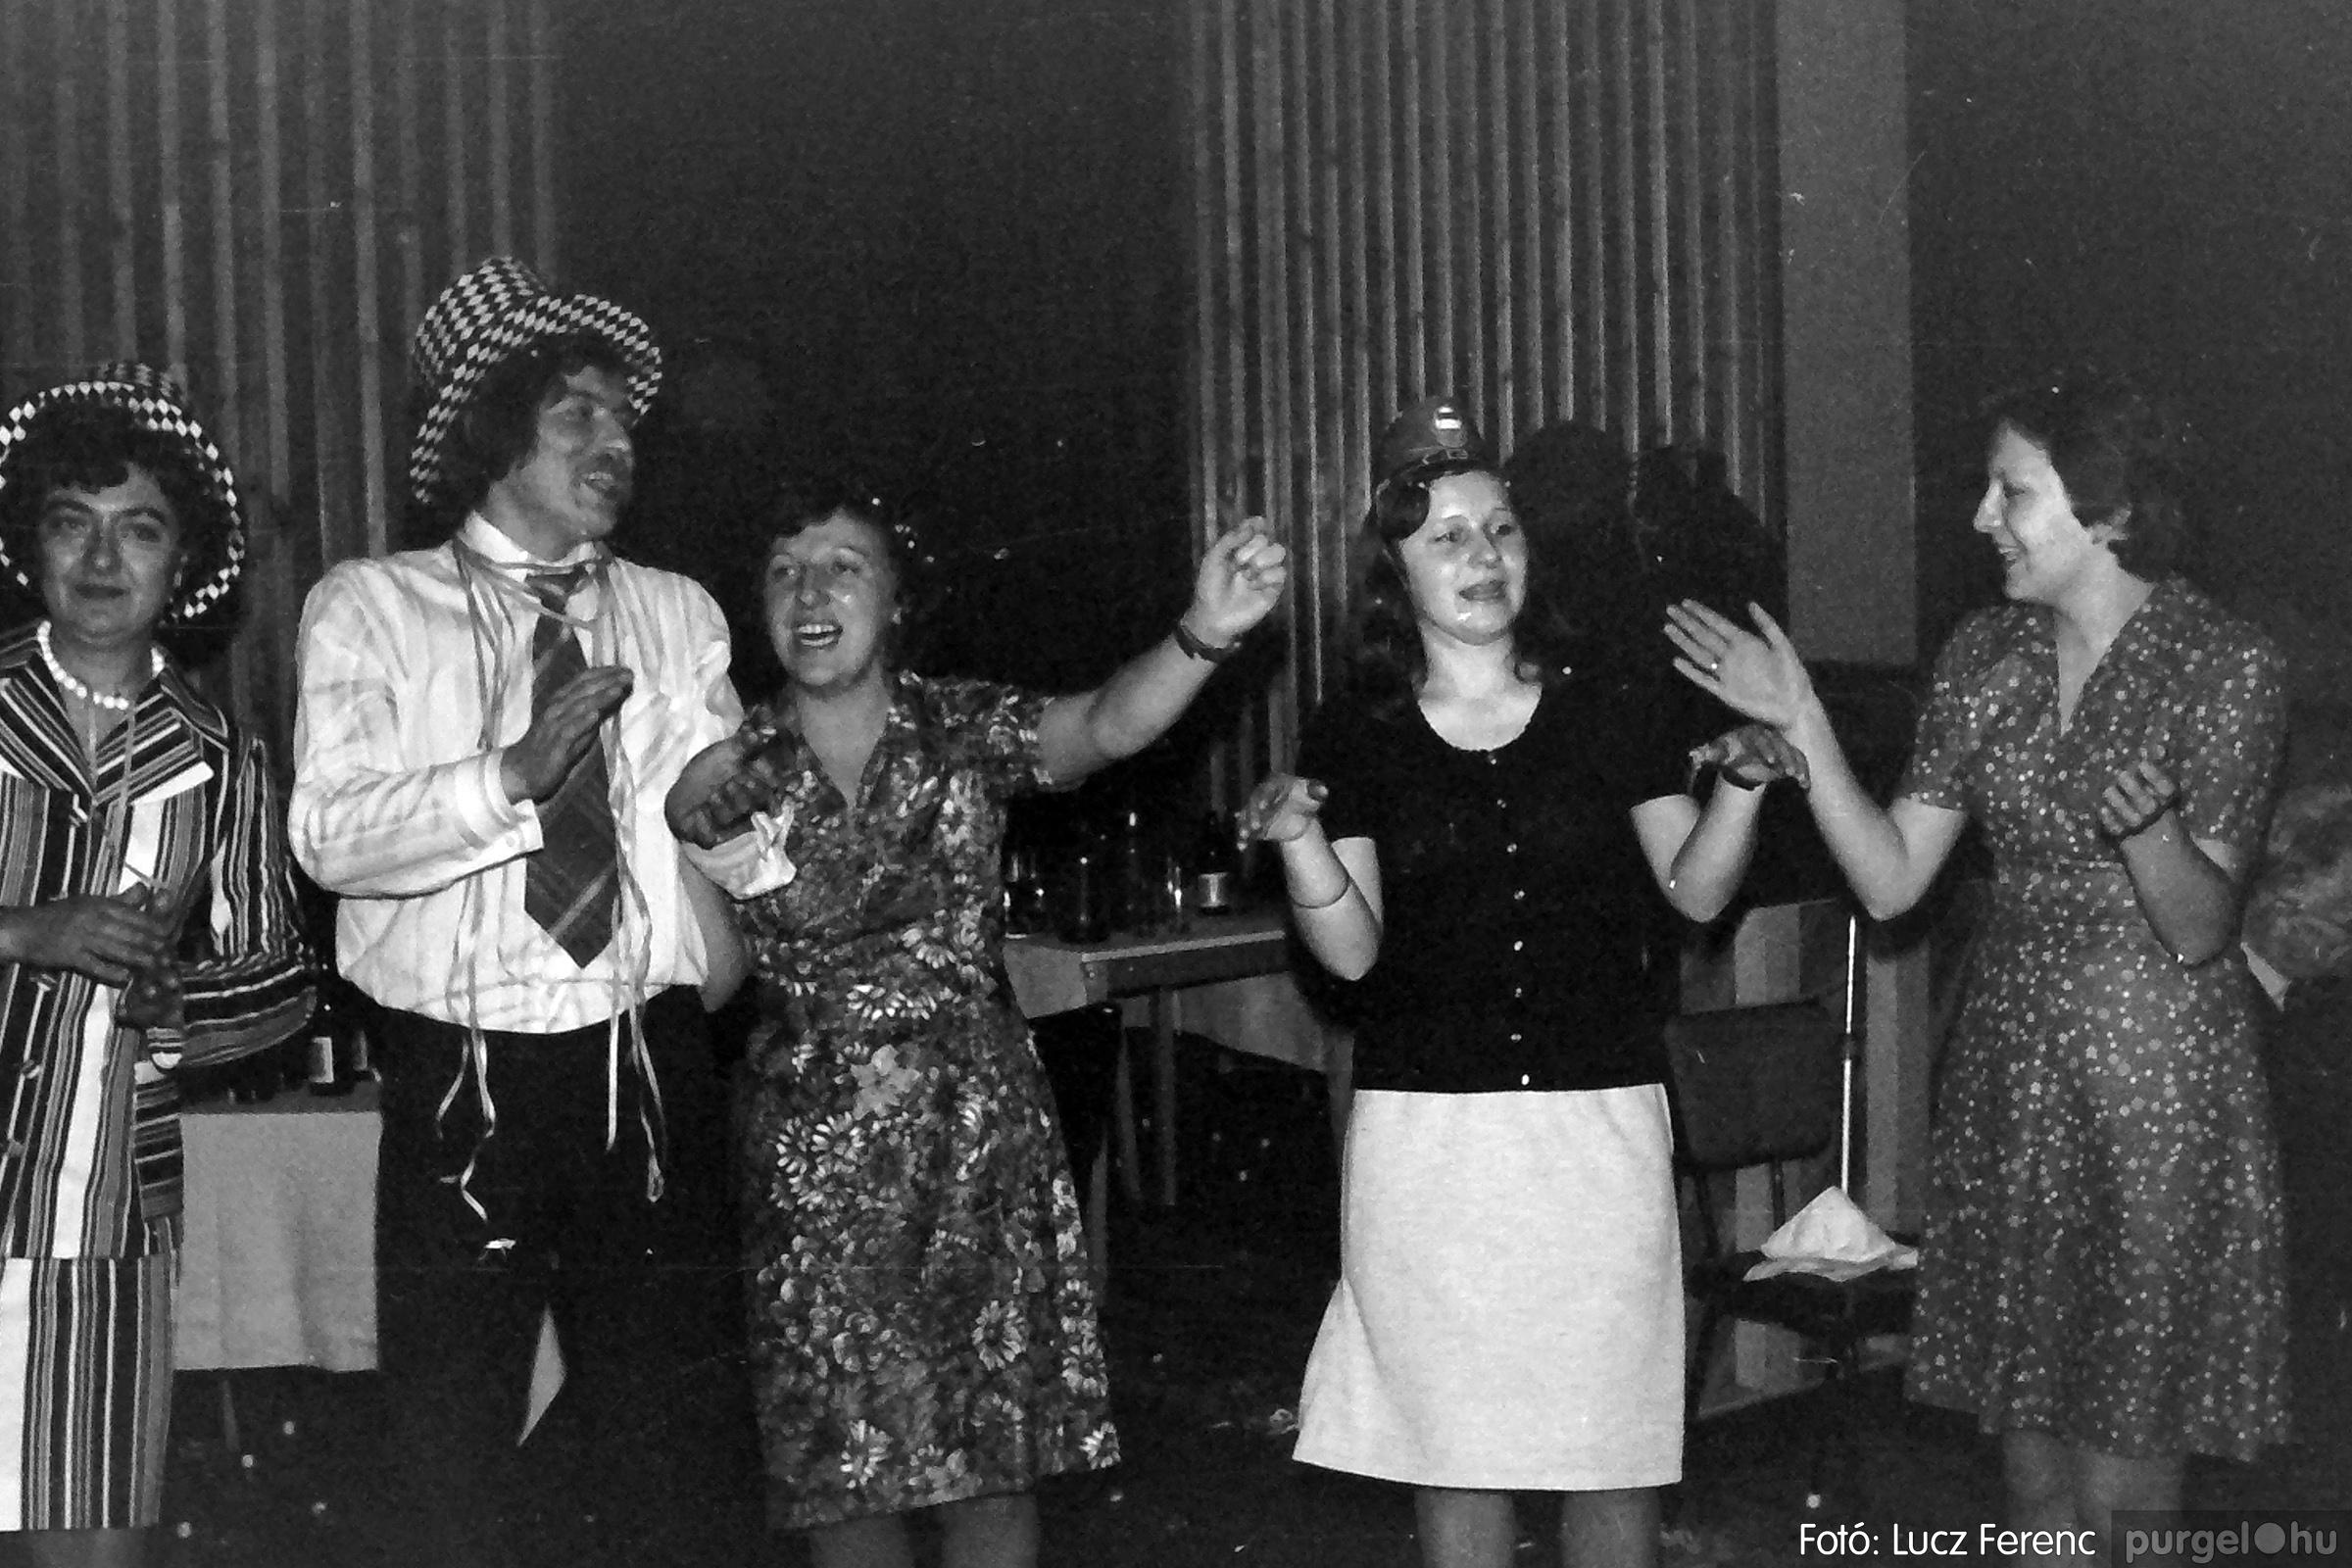 070. 1976.12.31. Szilveszter a kultúrházban 004. - Fotó: Lucz Ferenc.jpg